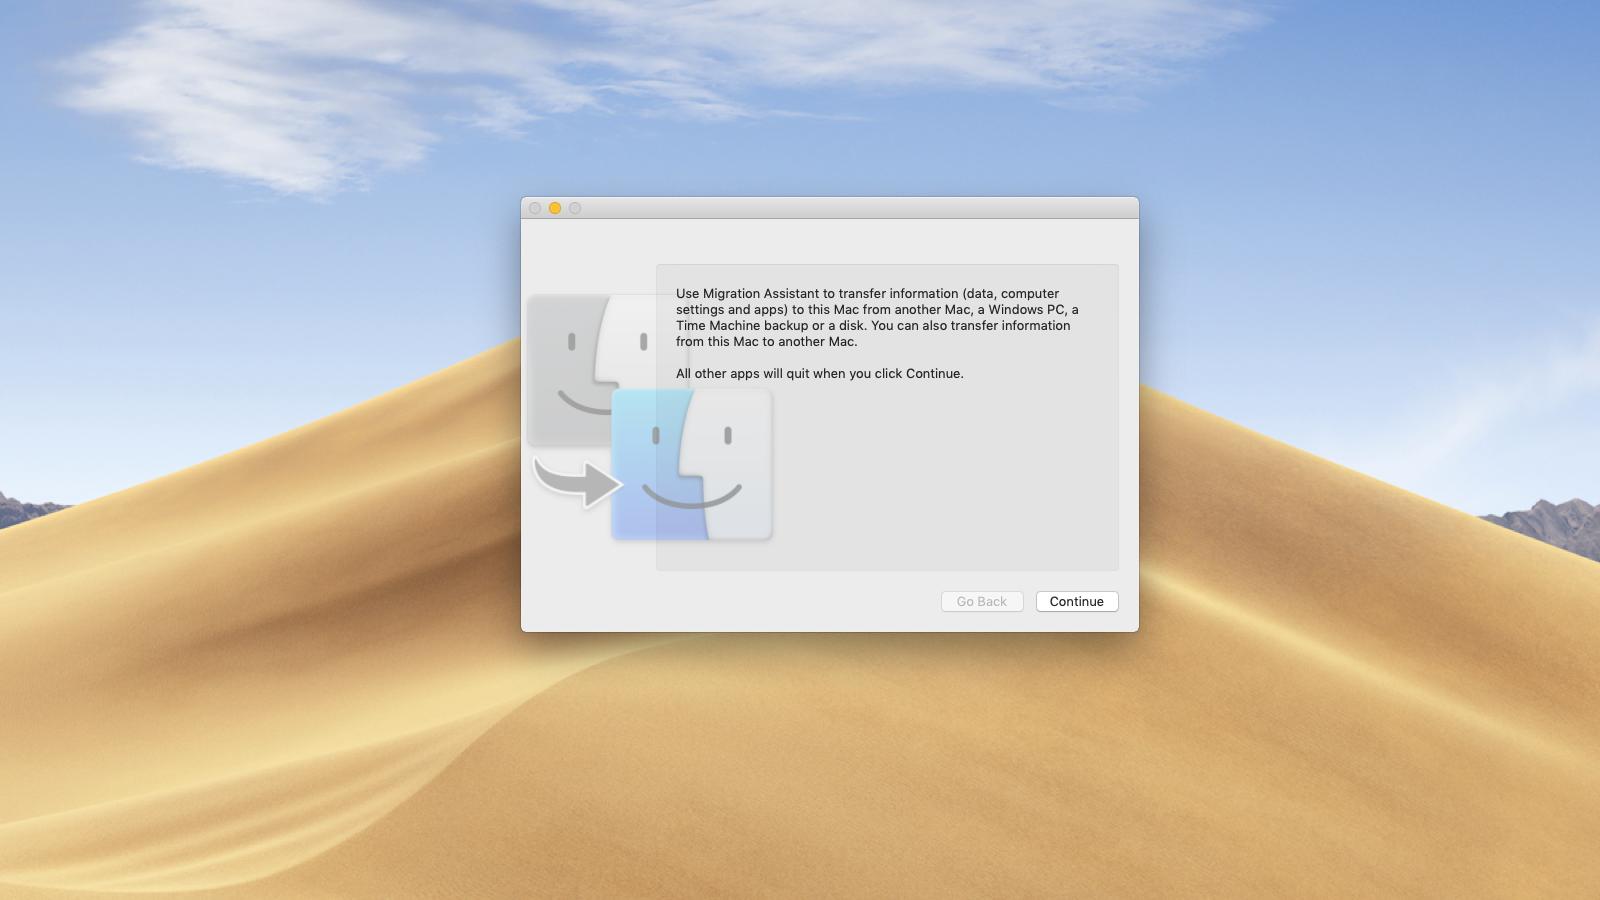 Utilice el Asistente de migración para copiar la copia de seguridad de Time Machine